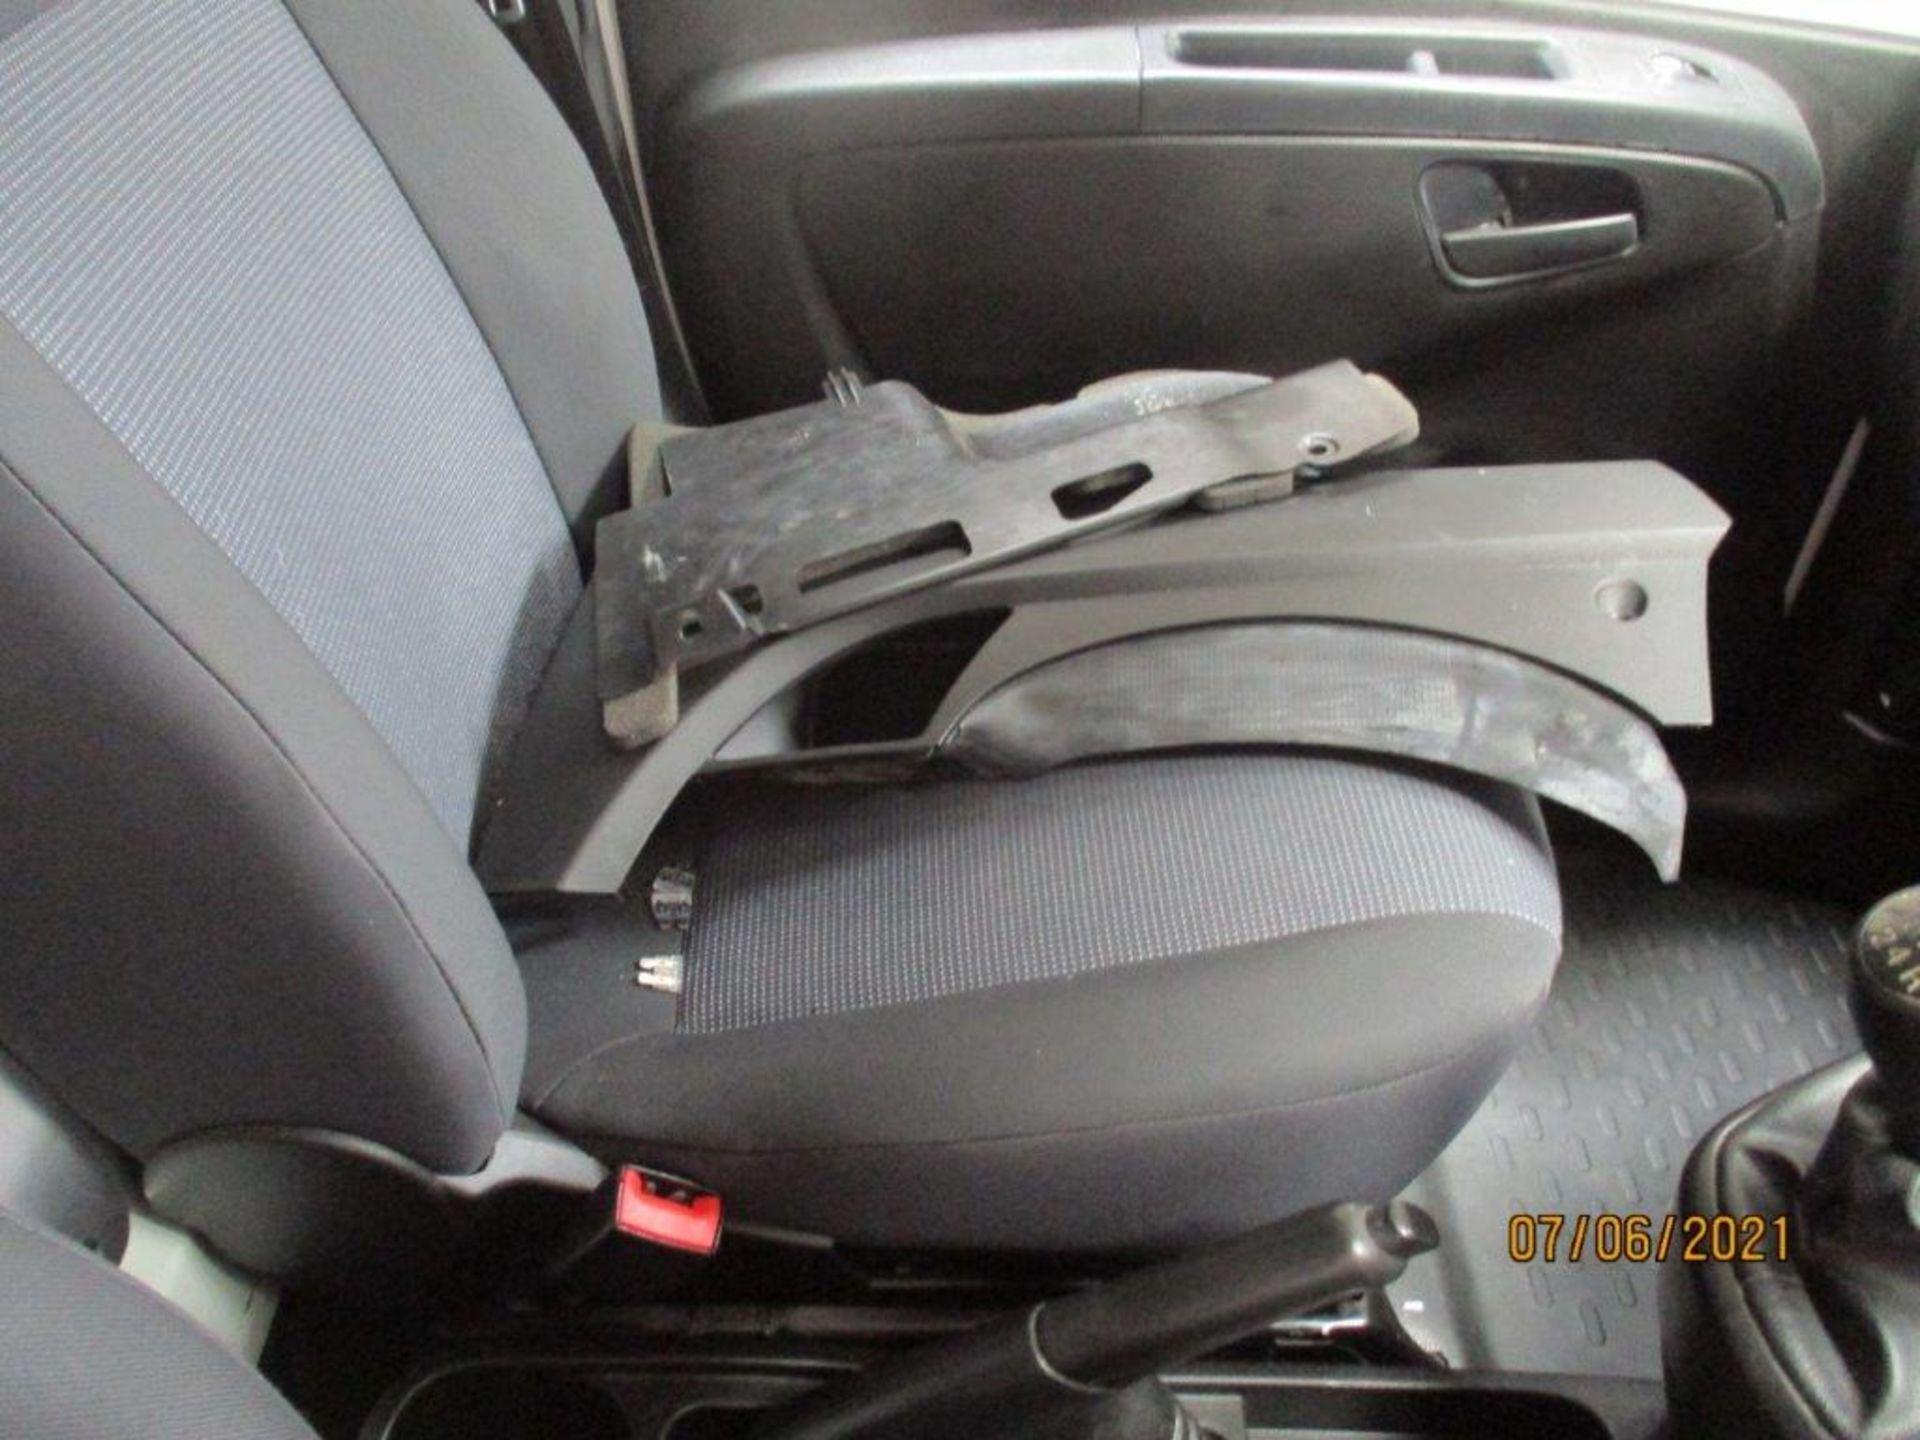 15 15 Peugeot Bipper Professional HD - Image 14 of 18